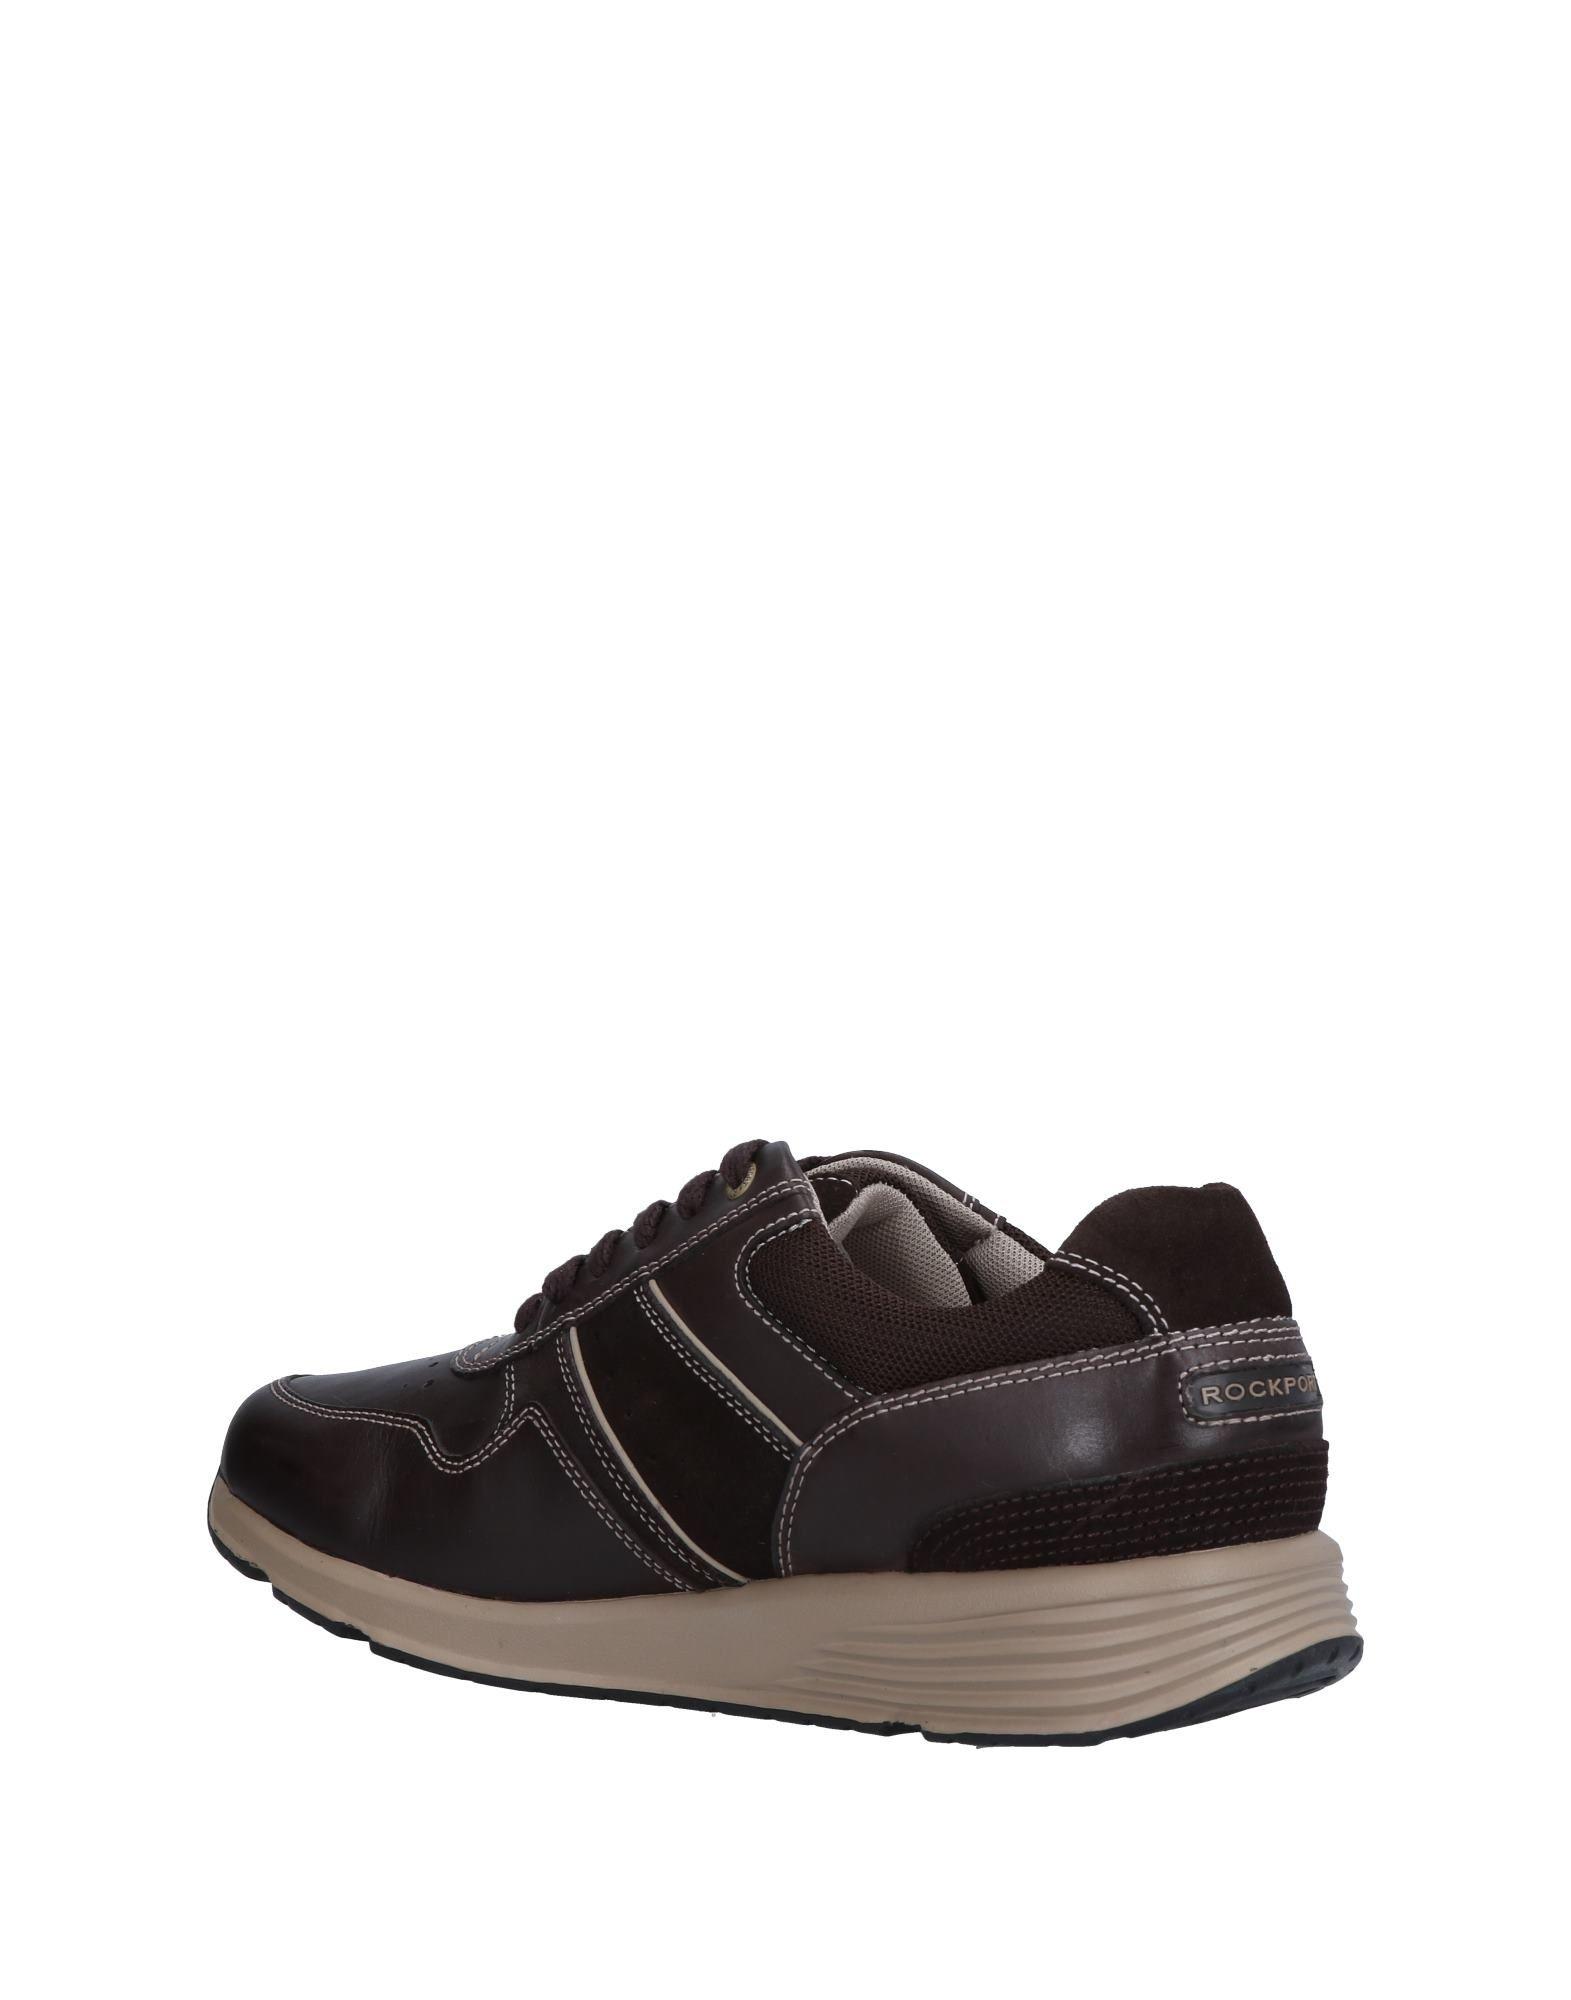 Rabatt echte Sneakers Schuhe Rockport Sneakers echte Herren  11509147LI 20323d